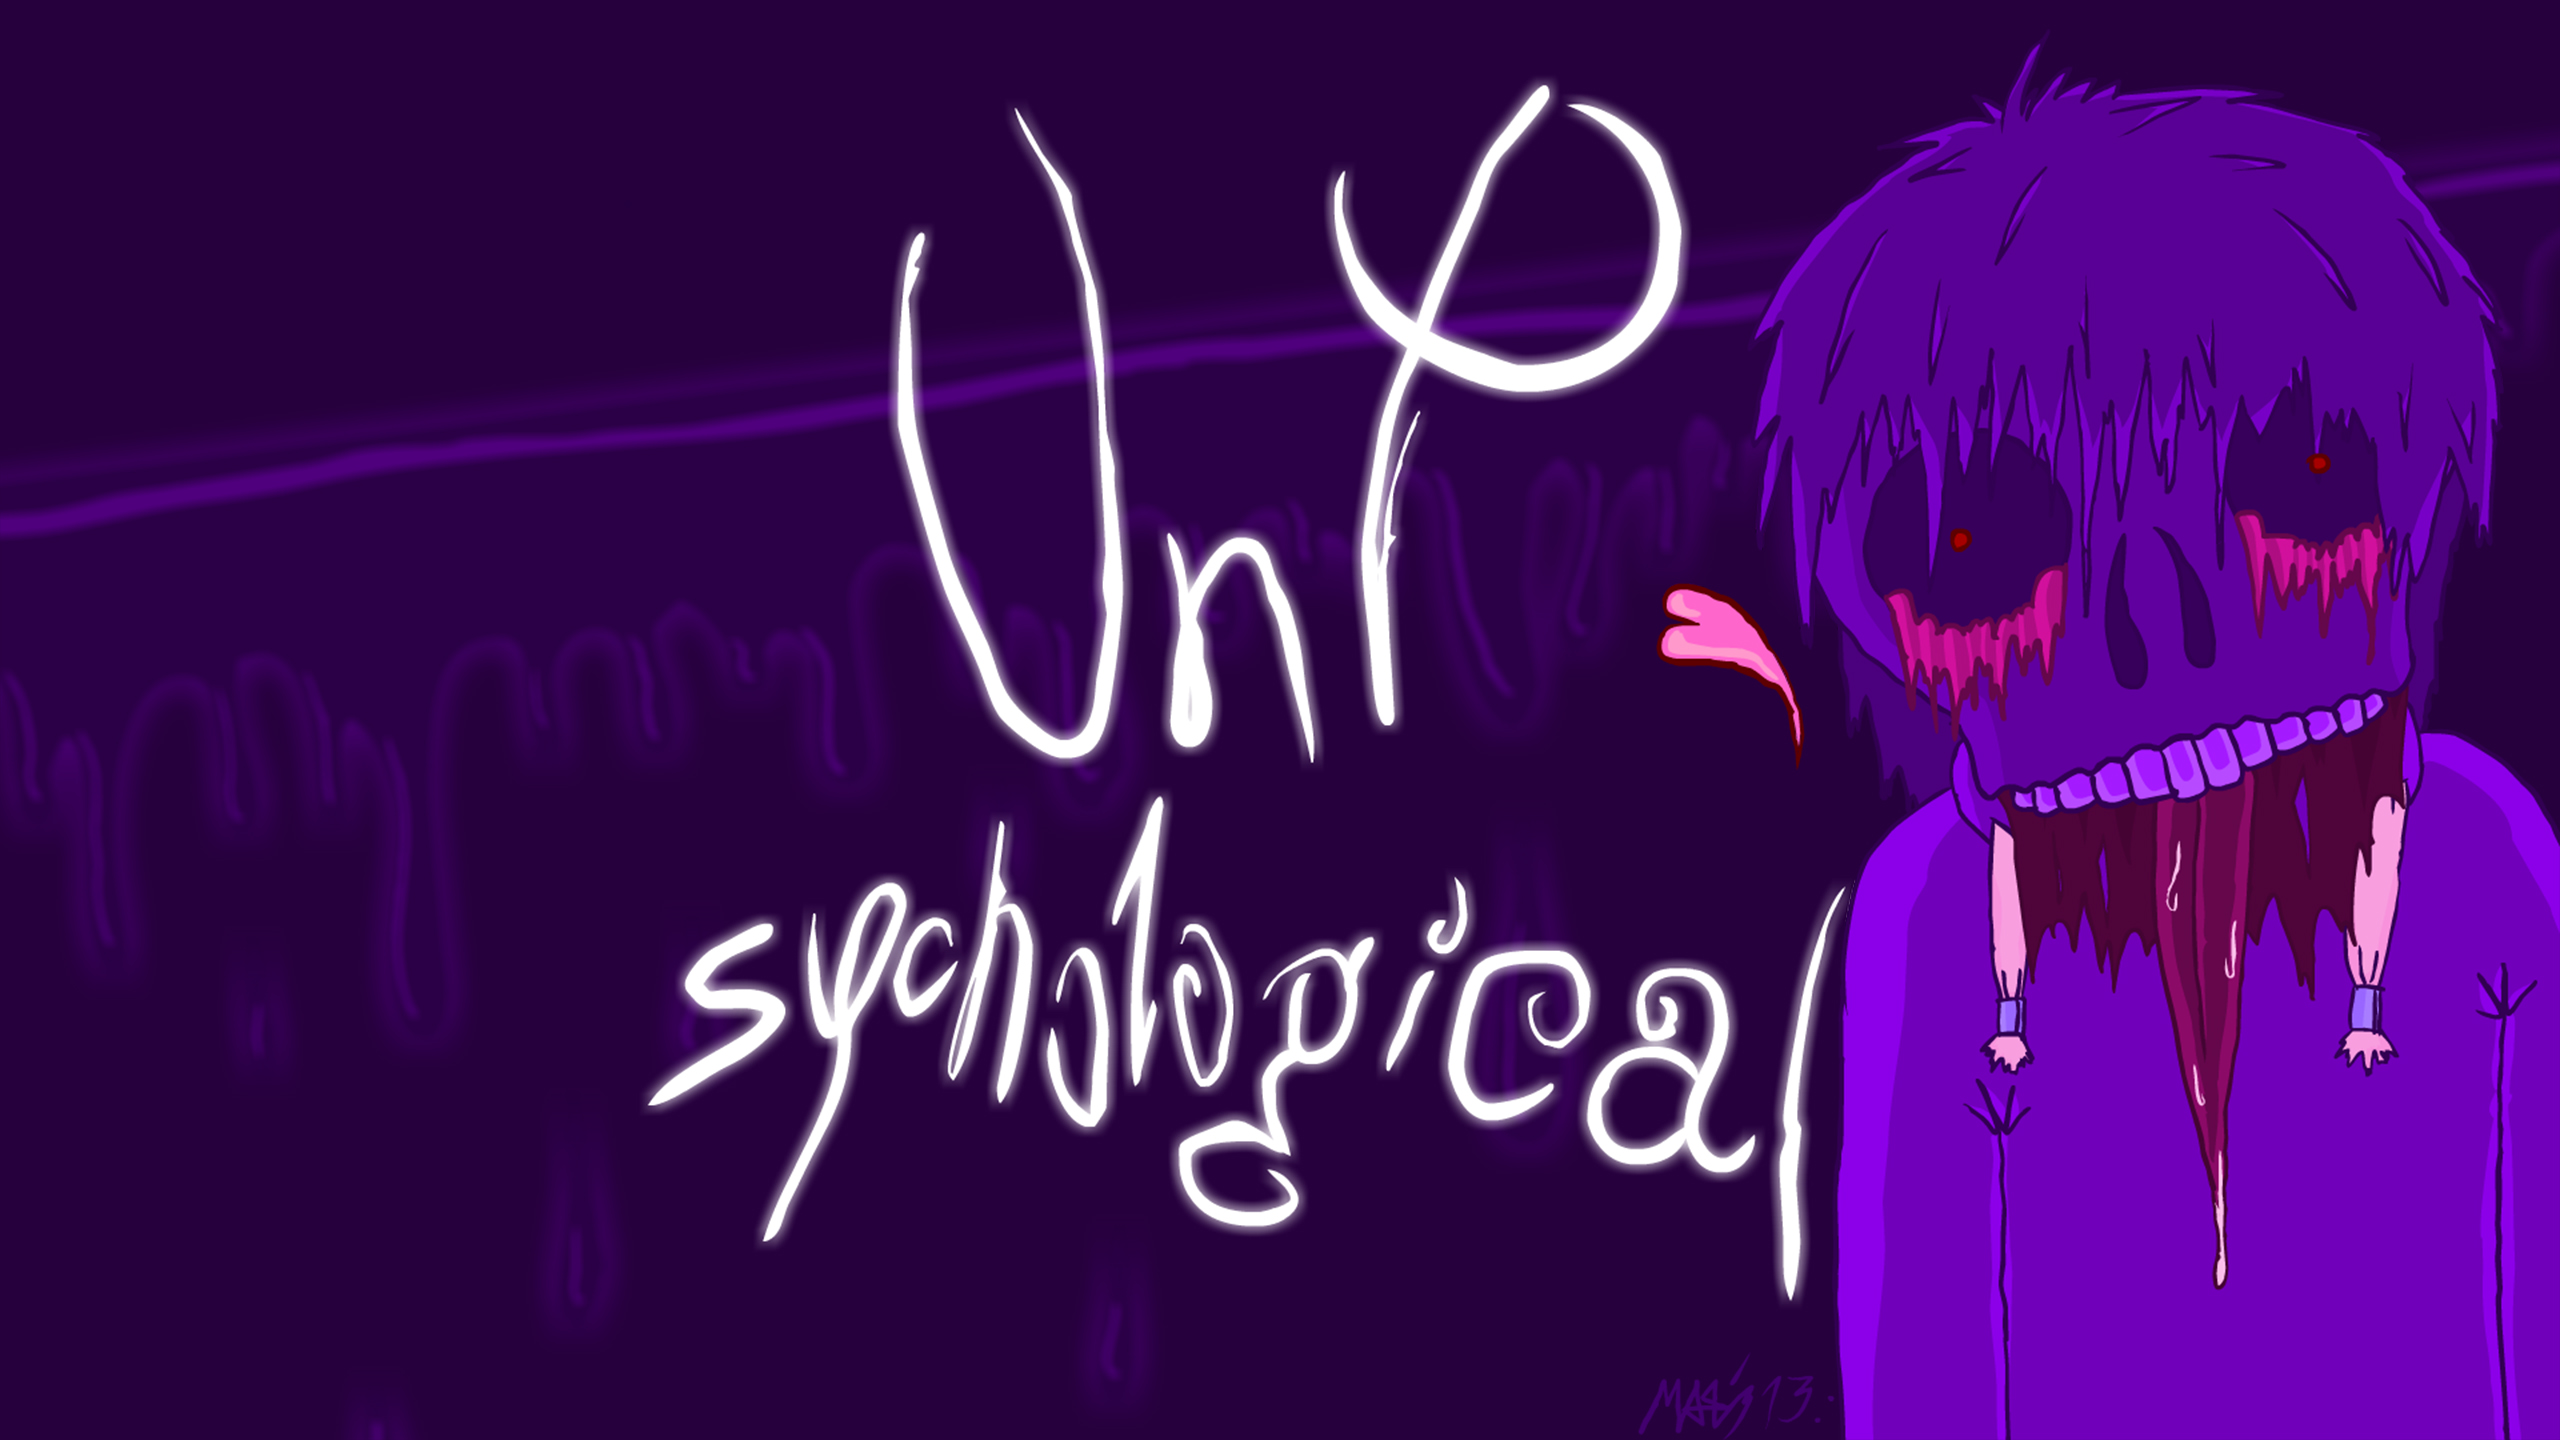 UnPsychological first art work